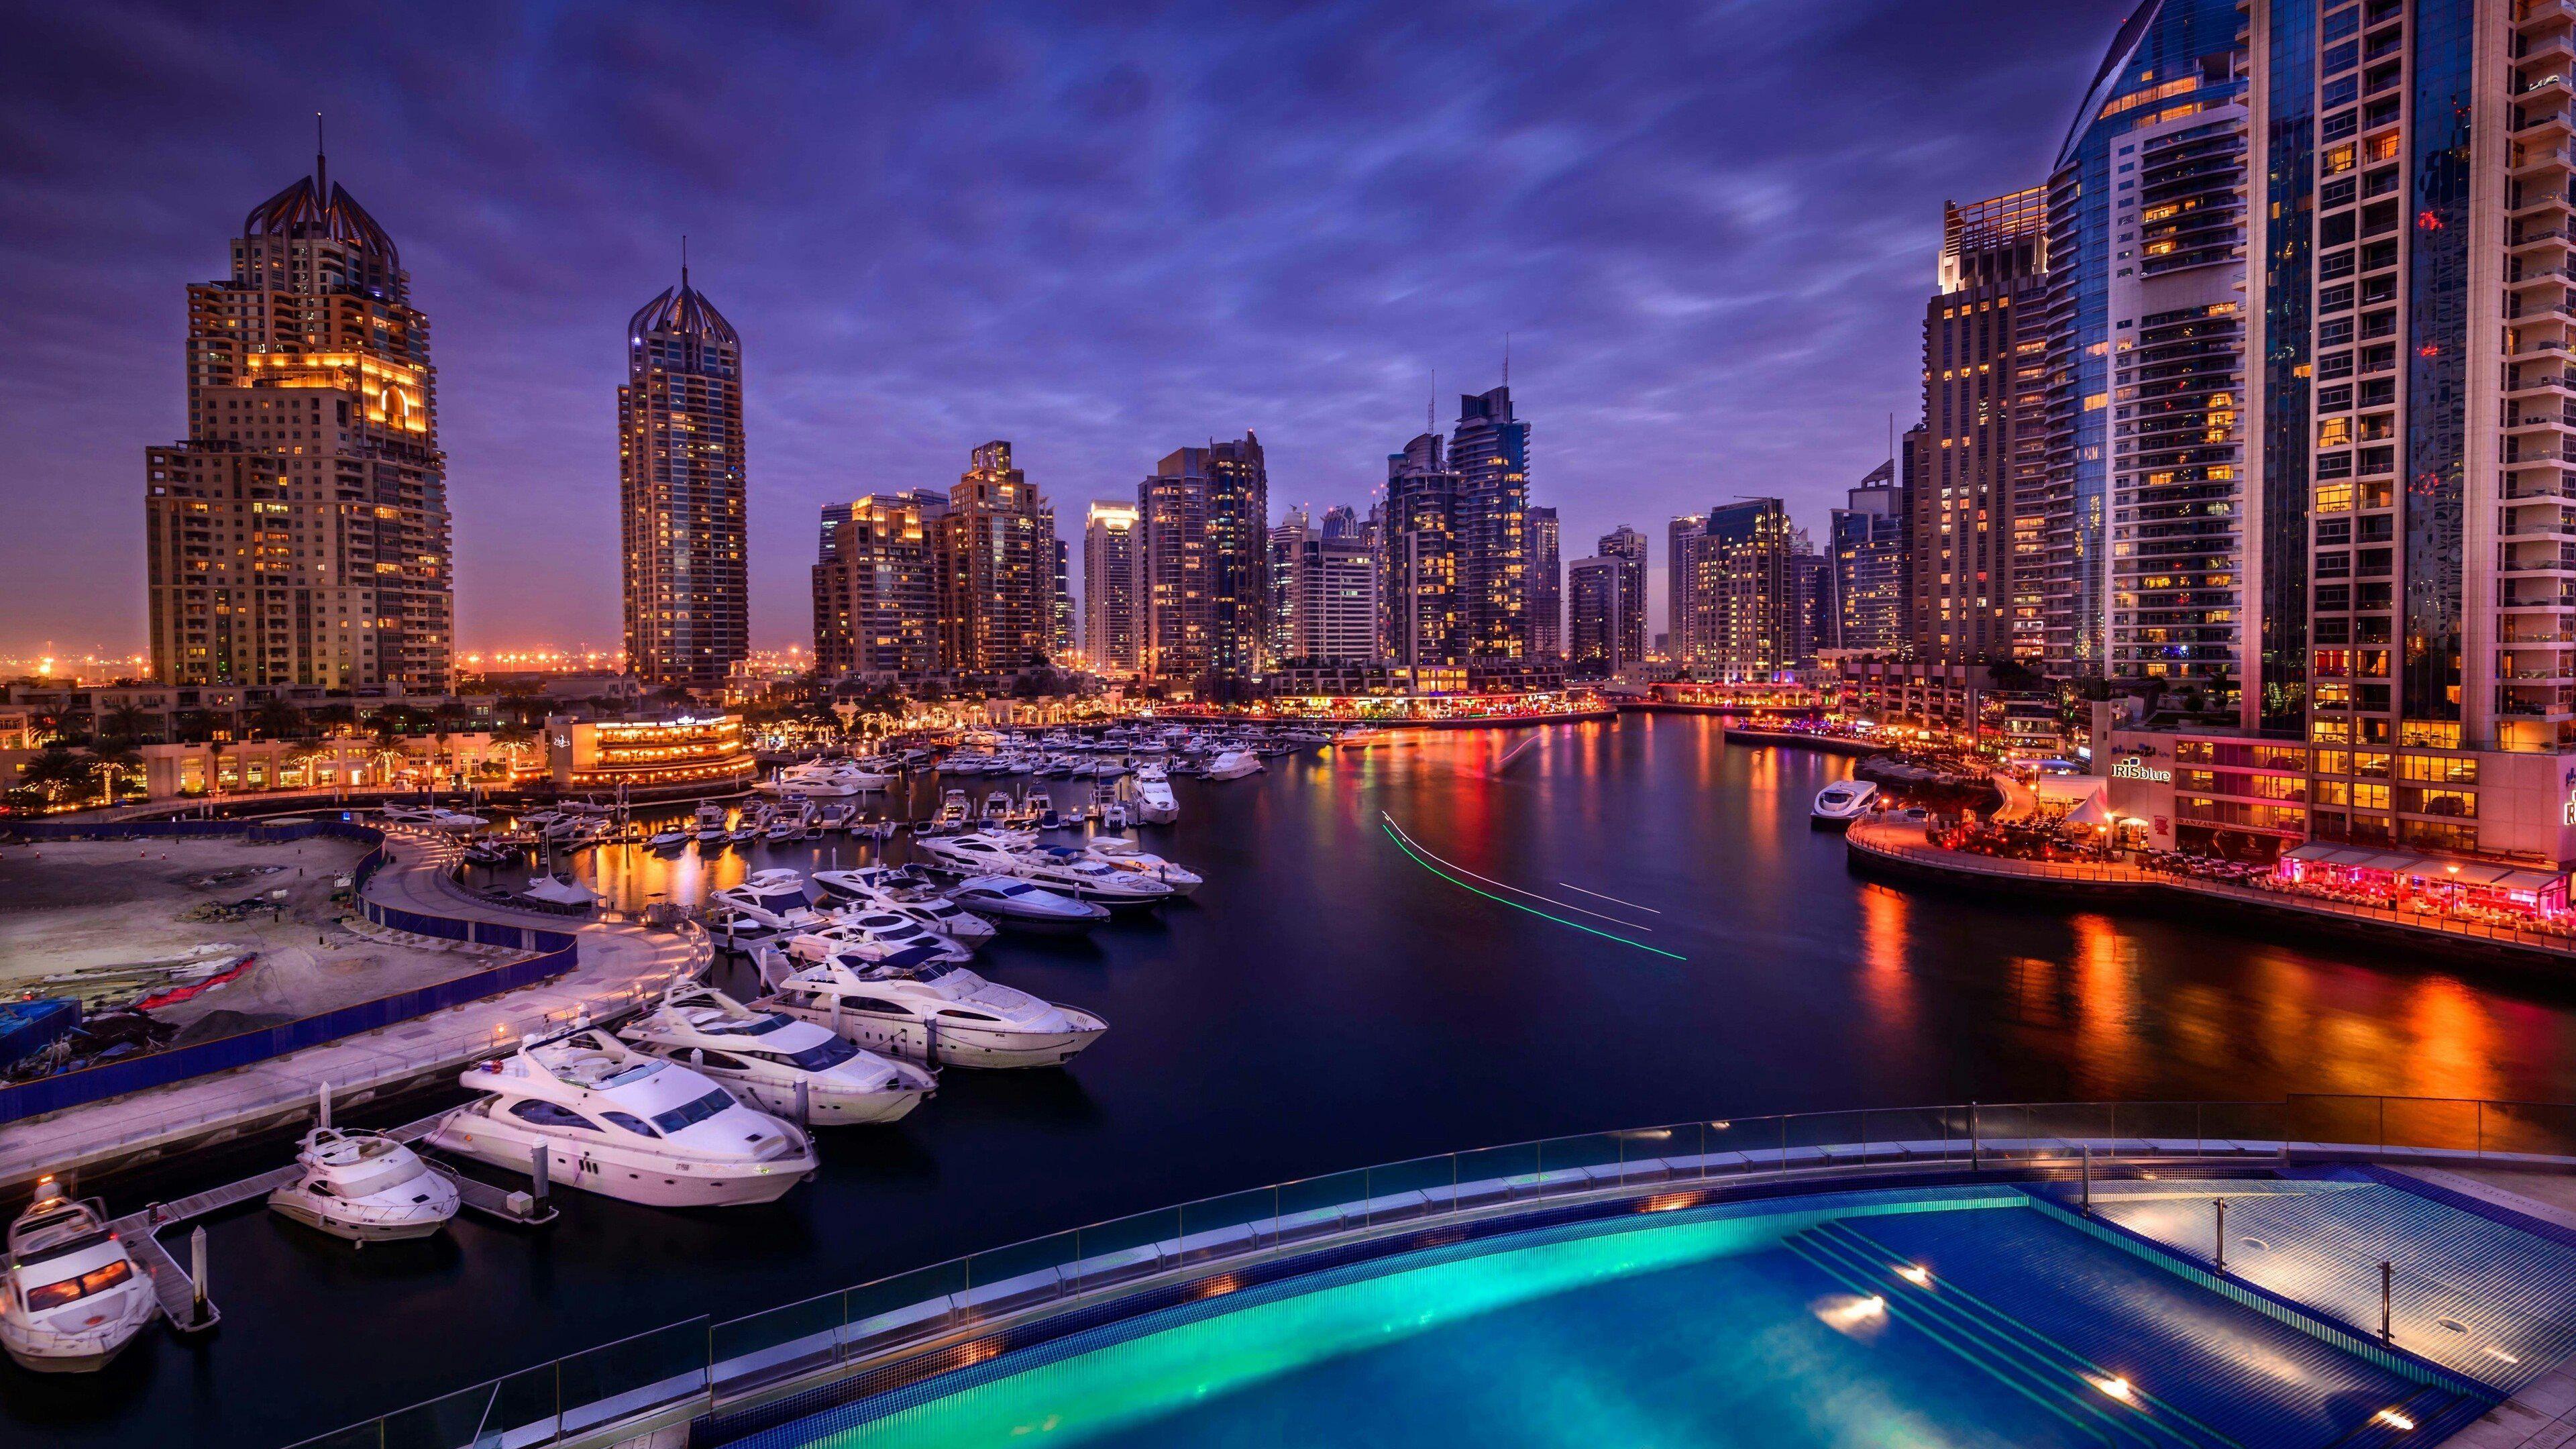 最高の壁紙 ベストセレクション 4k 壁紙 夜景 近代ビル 超高層ビル ドバイ